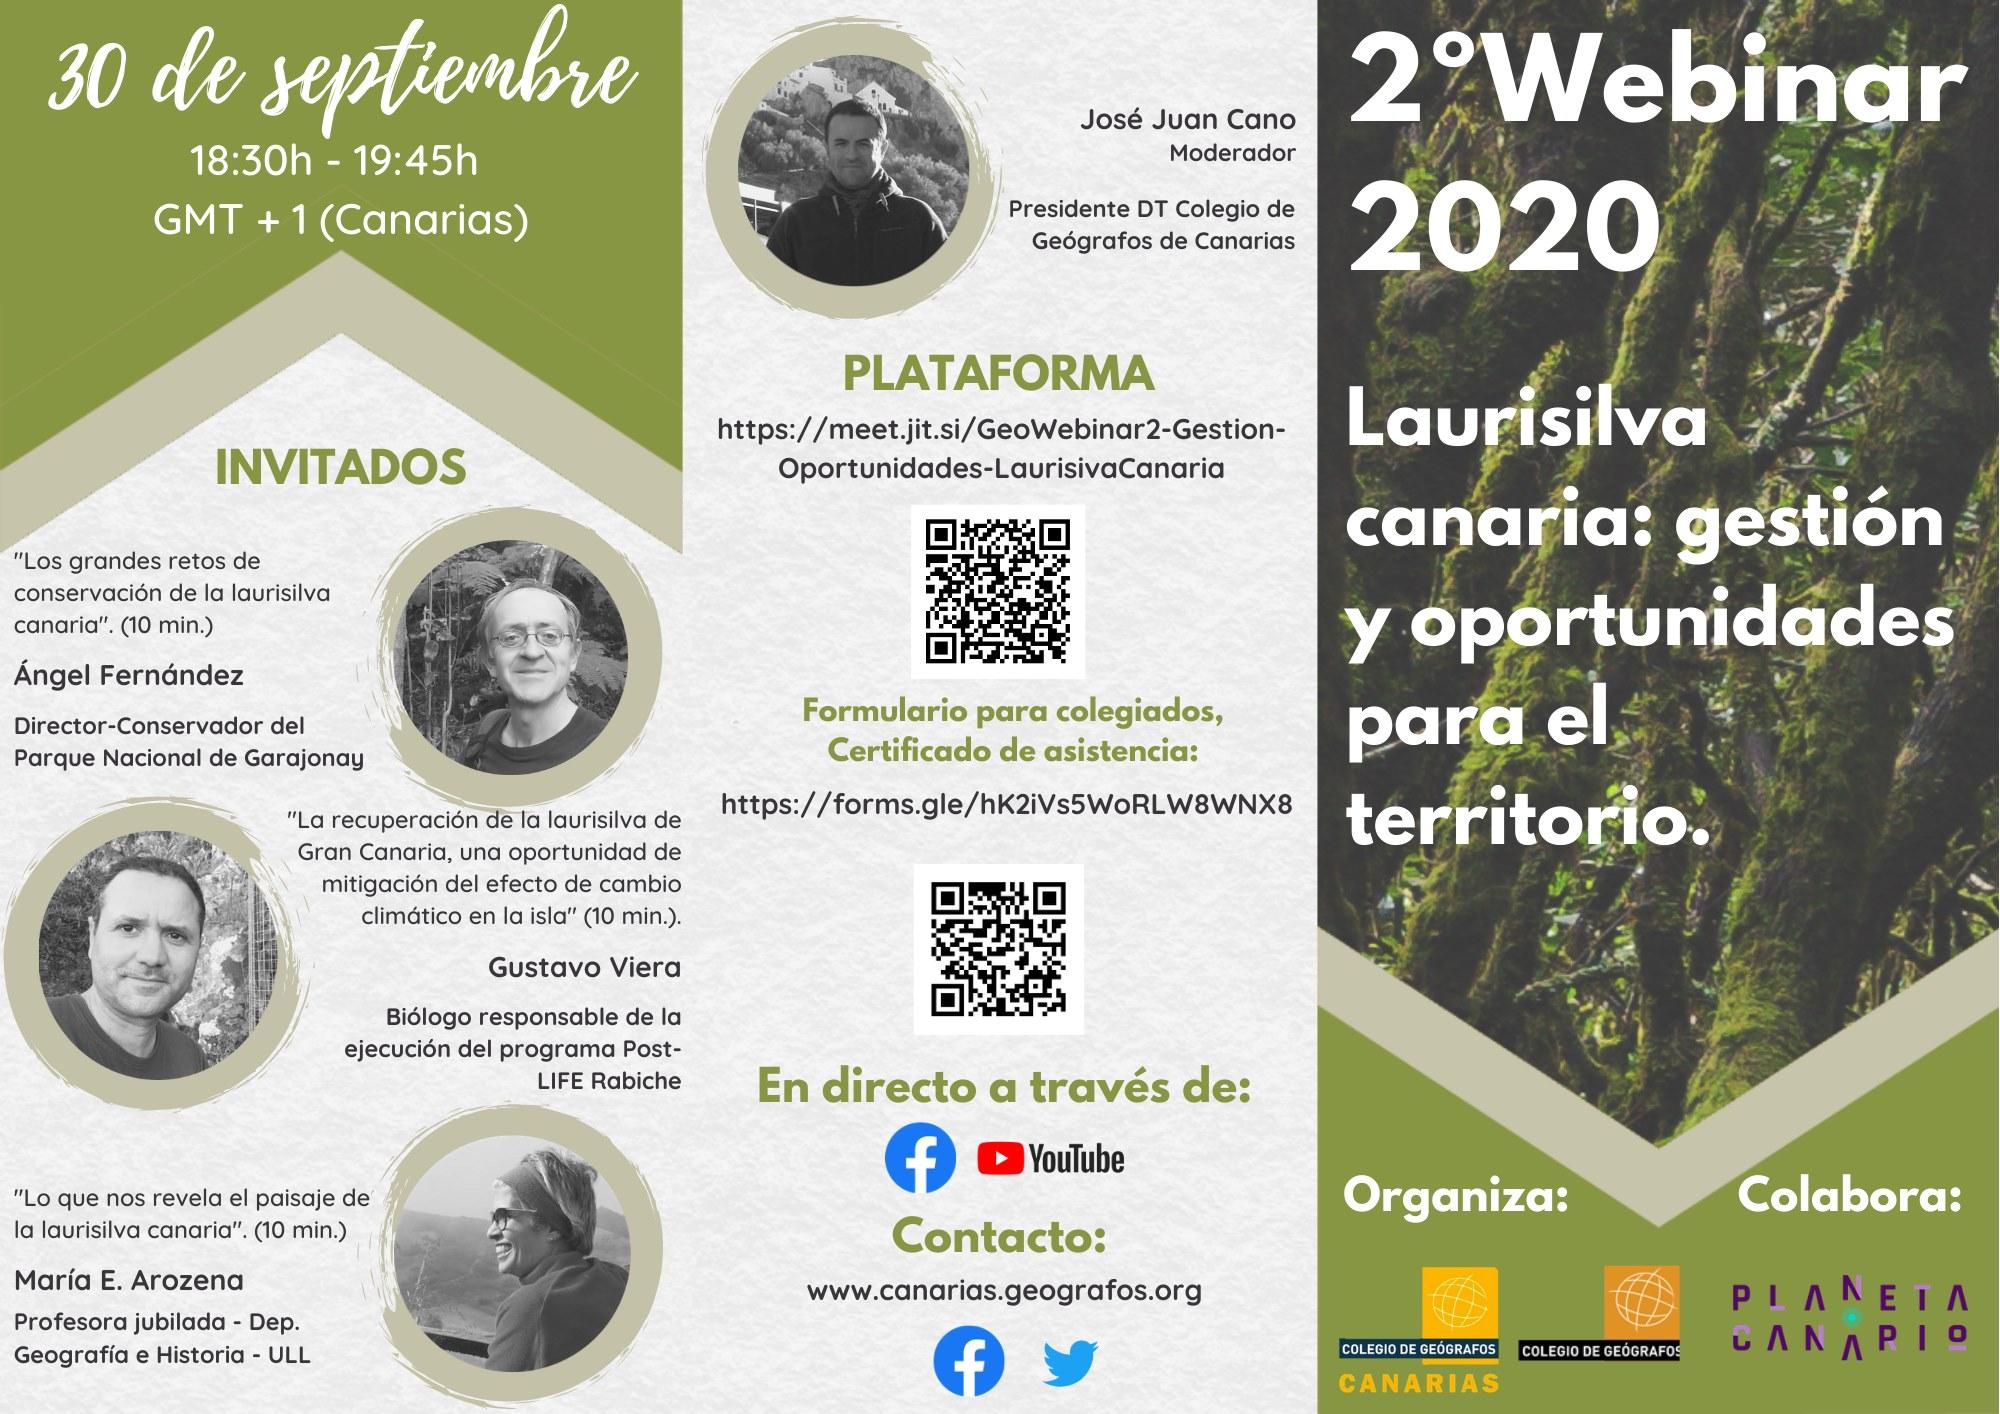 Webinar Laurisilva canaria: gestión y oportunidades para el territorio